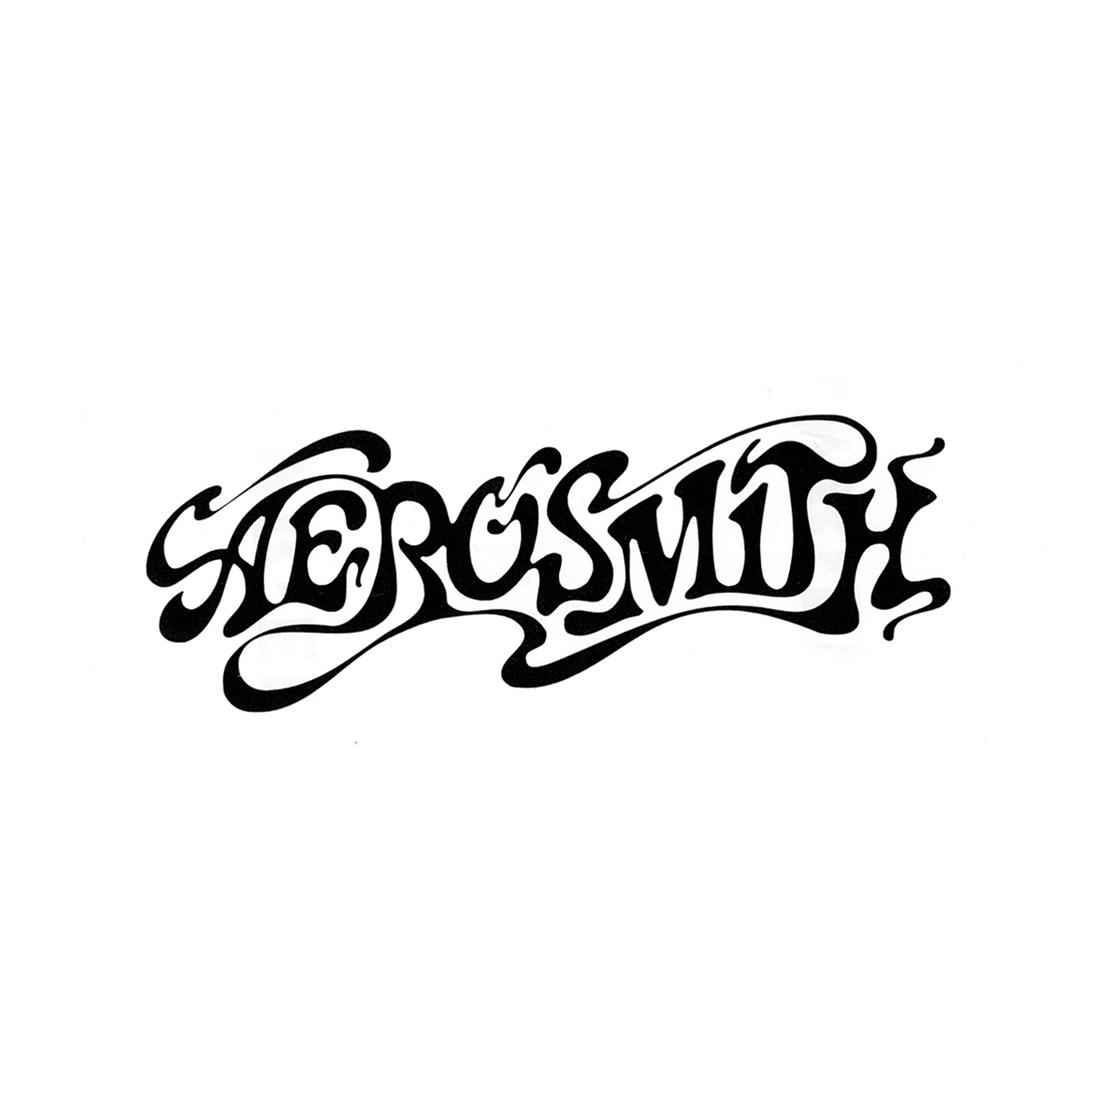 Aerosmith Record Logo Vector PNG - 35392